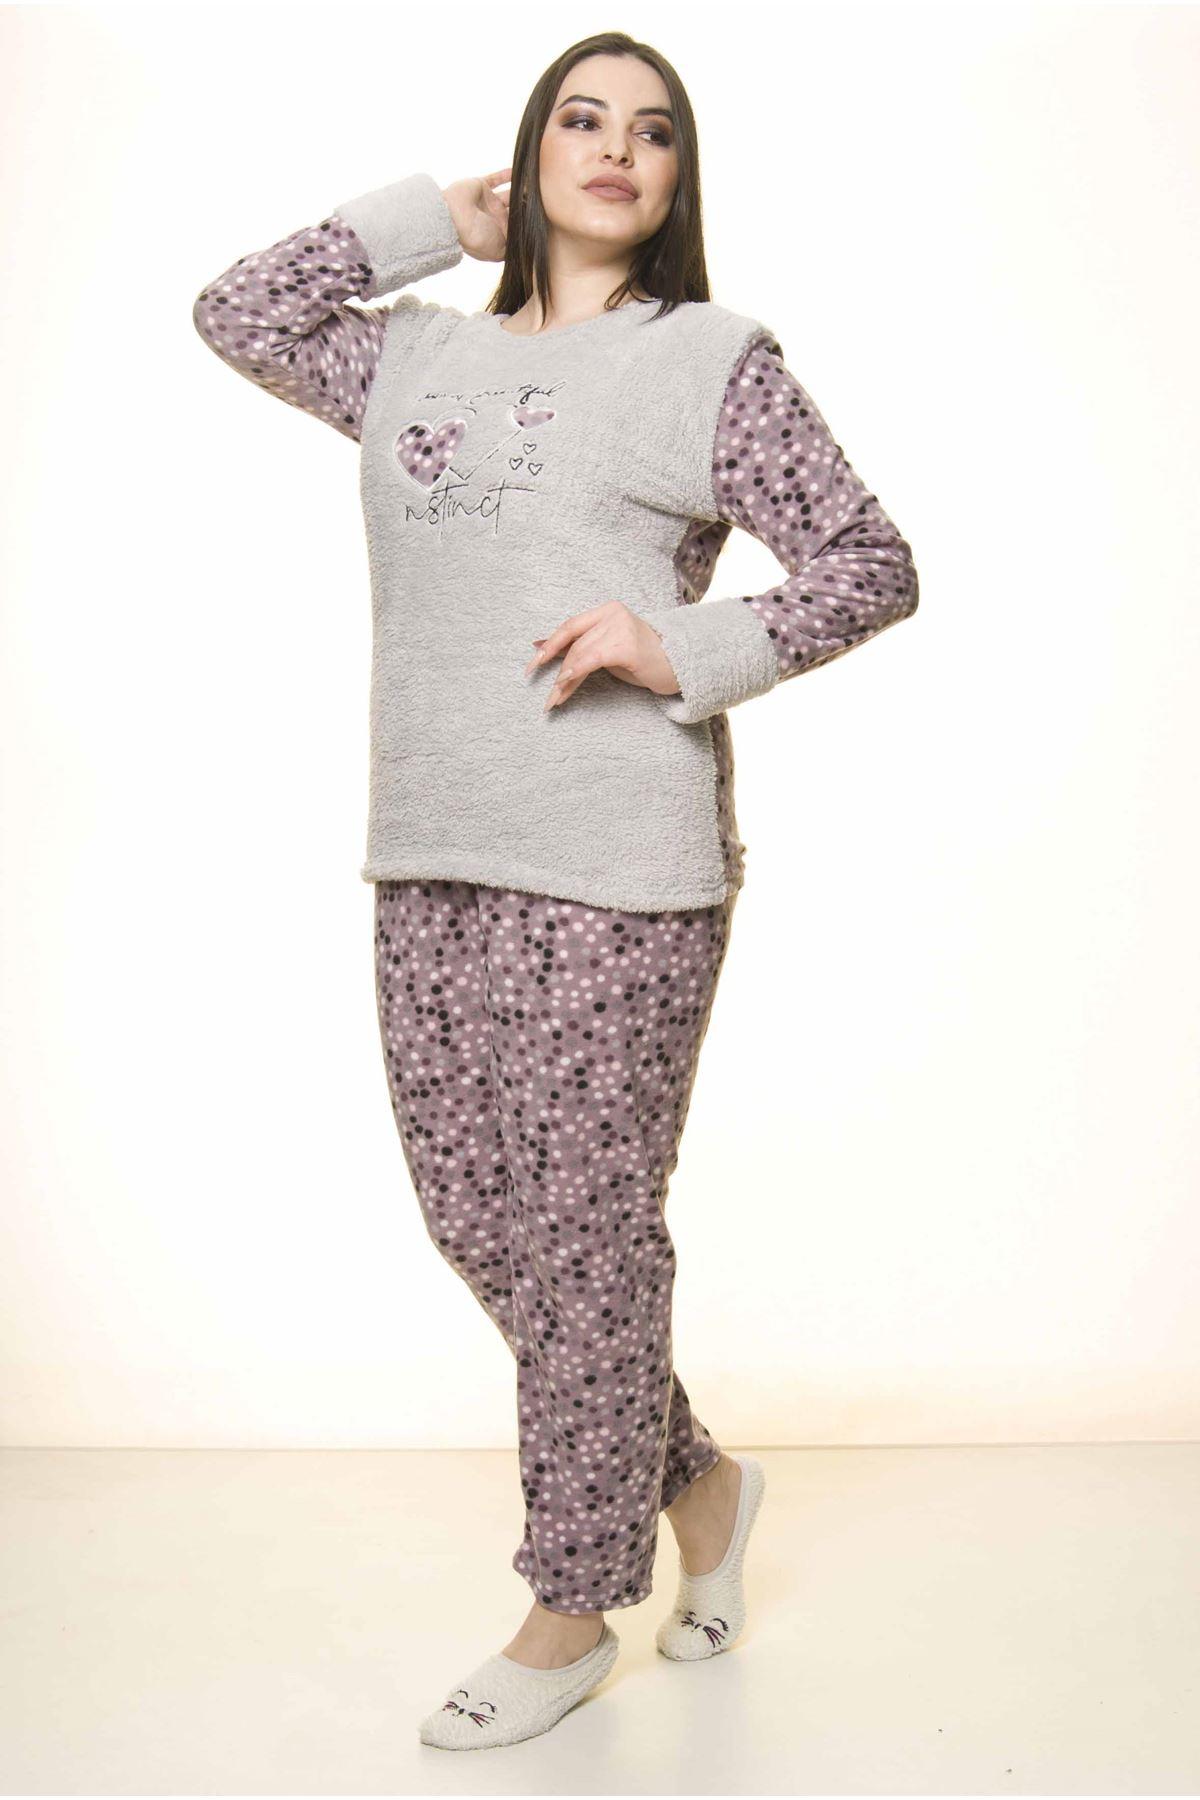 Polar Peluş Kışlık Pijama Takımı 32C-1522